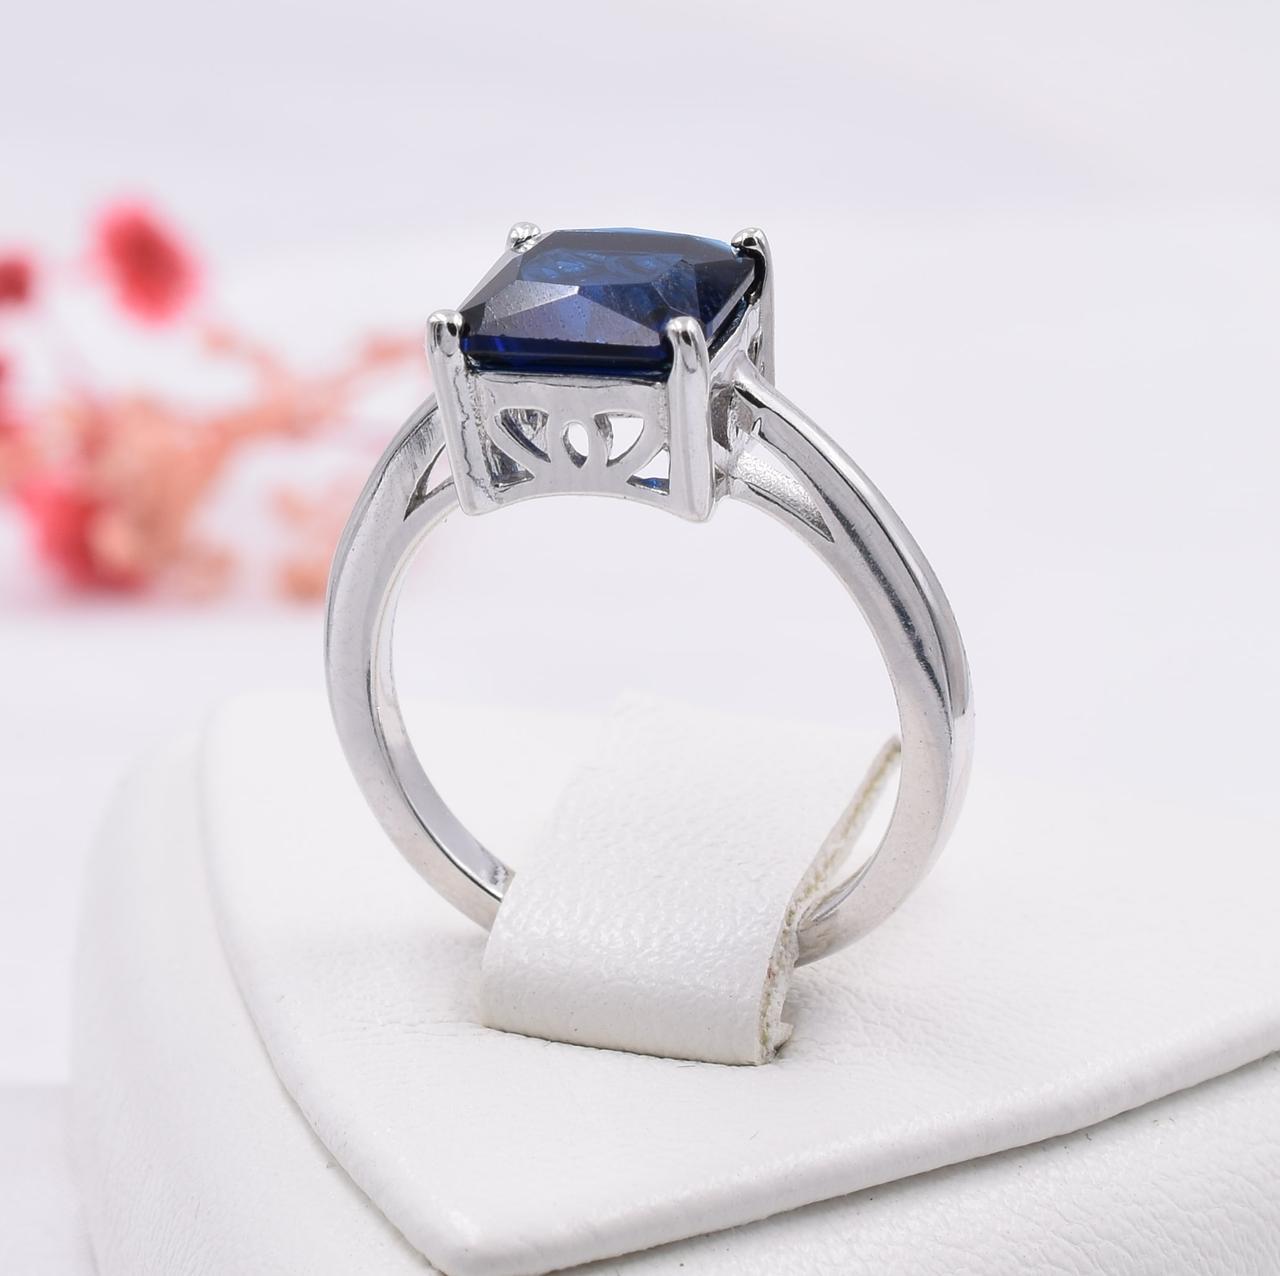 Серебряное кольцо размер 17 ширина 8 мм вставка синие фианиты вес 3.7 г